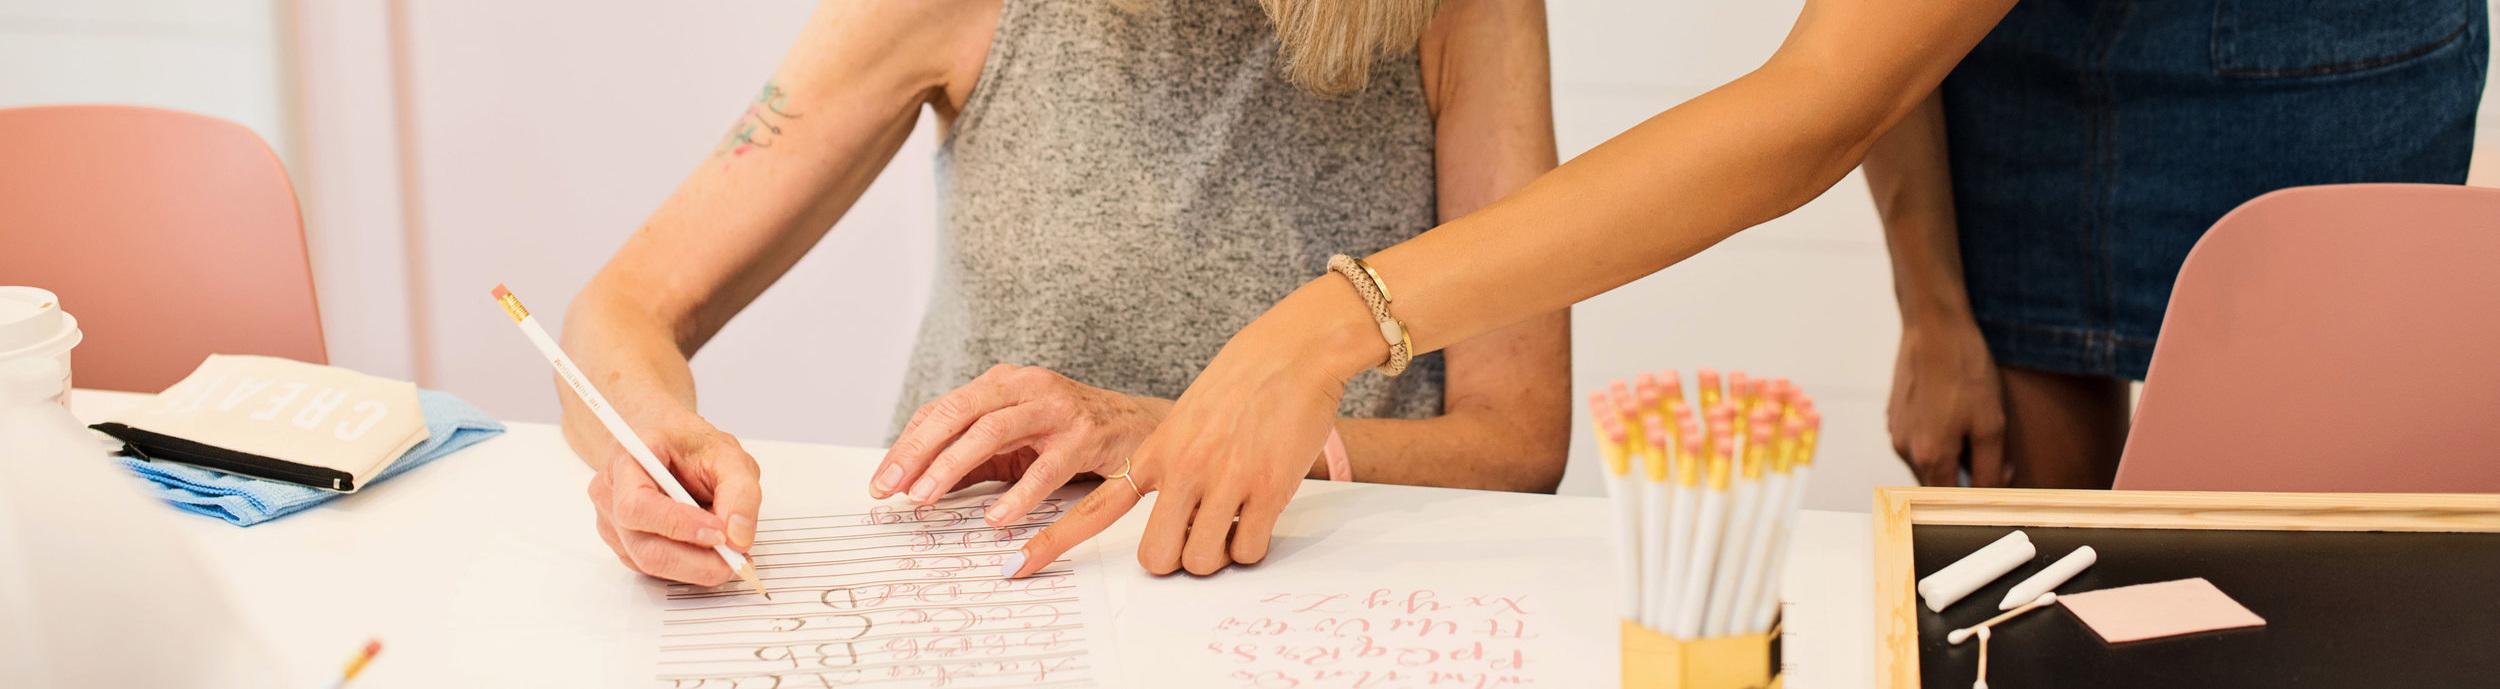 Hand+Lettering-0259.jpg